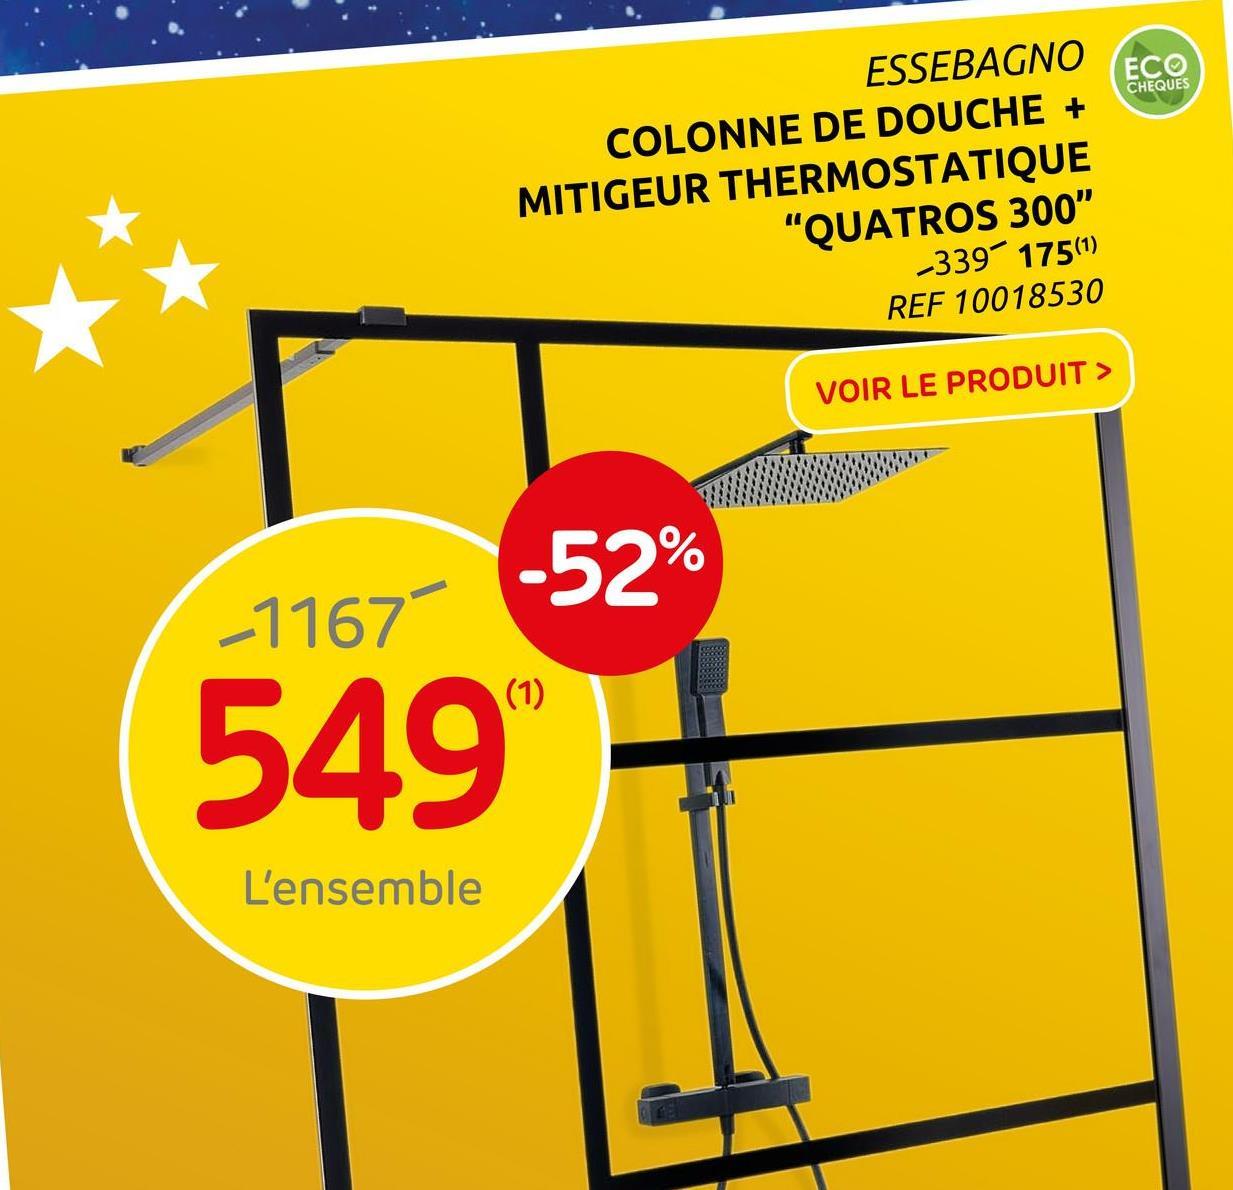 """ECO CHEQUES ESSEBAGNO COLONNE DE DOUCHE + MITIGEUR THERMOSTATIQUE """"QUATROS 300"""" -339 175(1) REF 10018530 VOIR LE PRODUIT > -52% -1167 (1) 549 L'ensemble"""